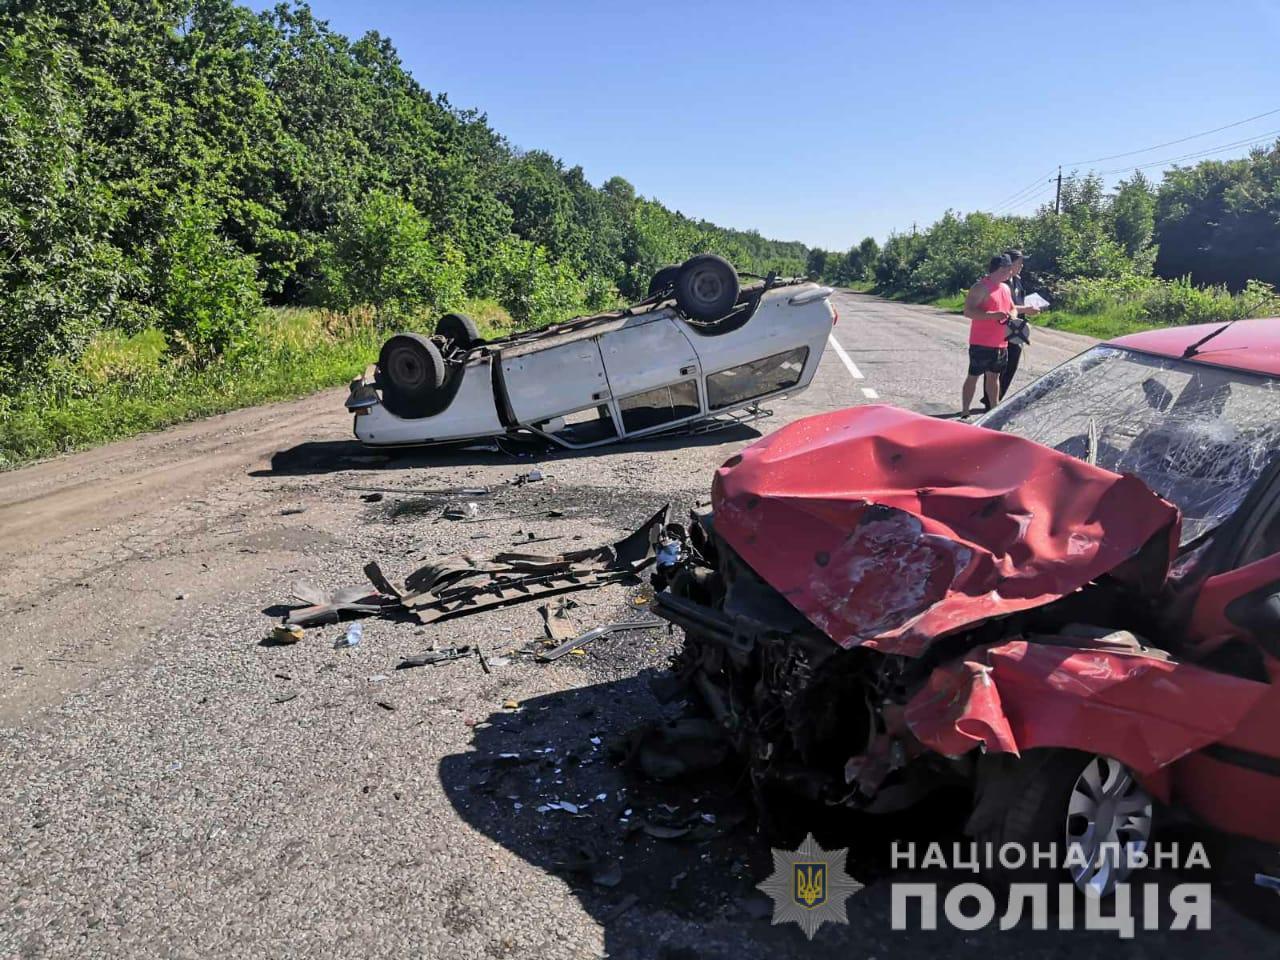 На Харьковщине в ДТП на трассе пострадали четыре человека (фото)